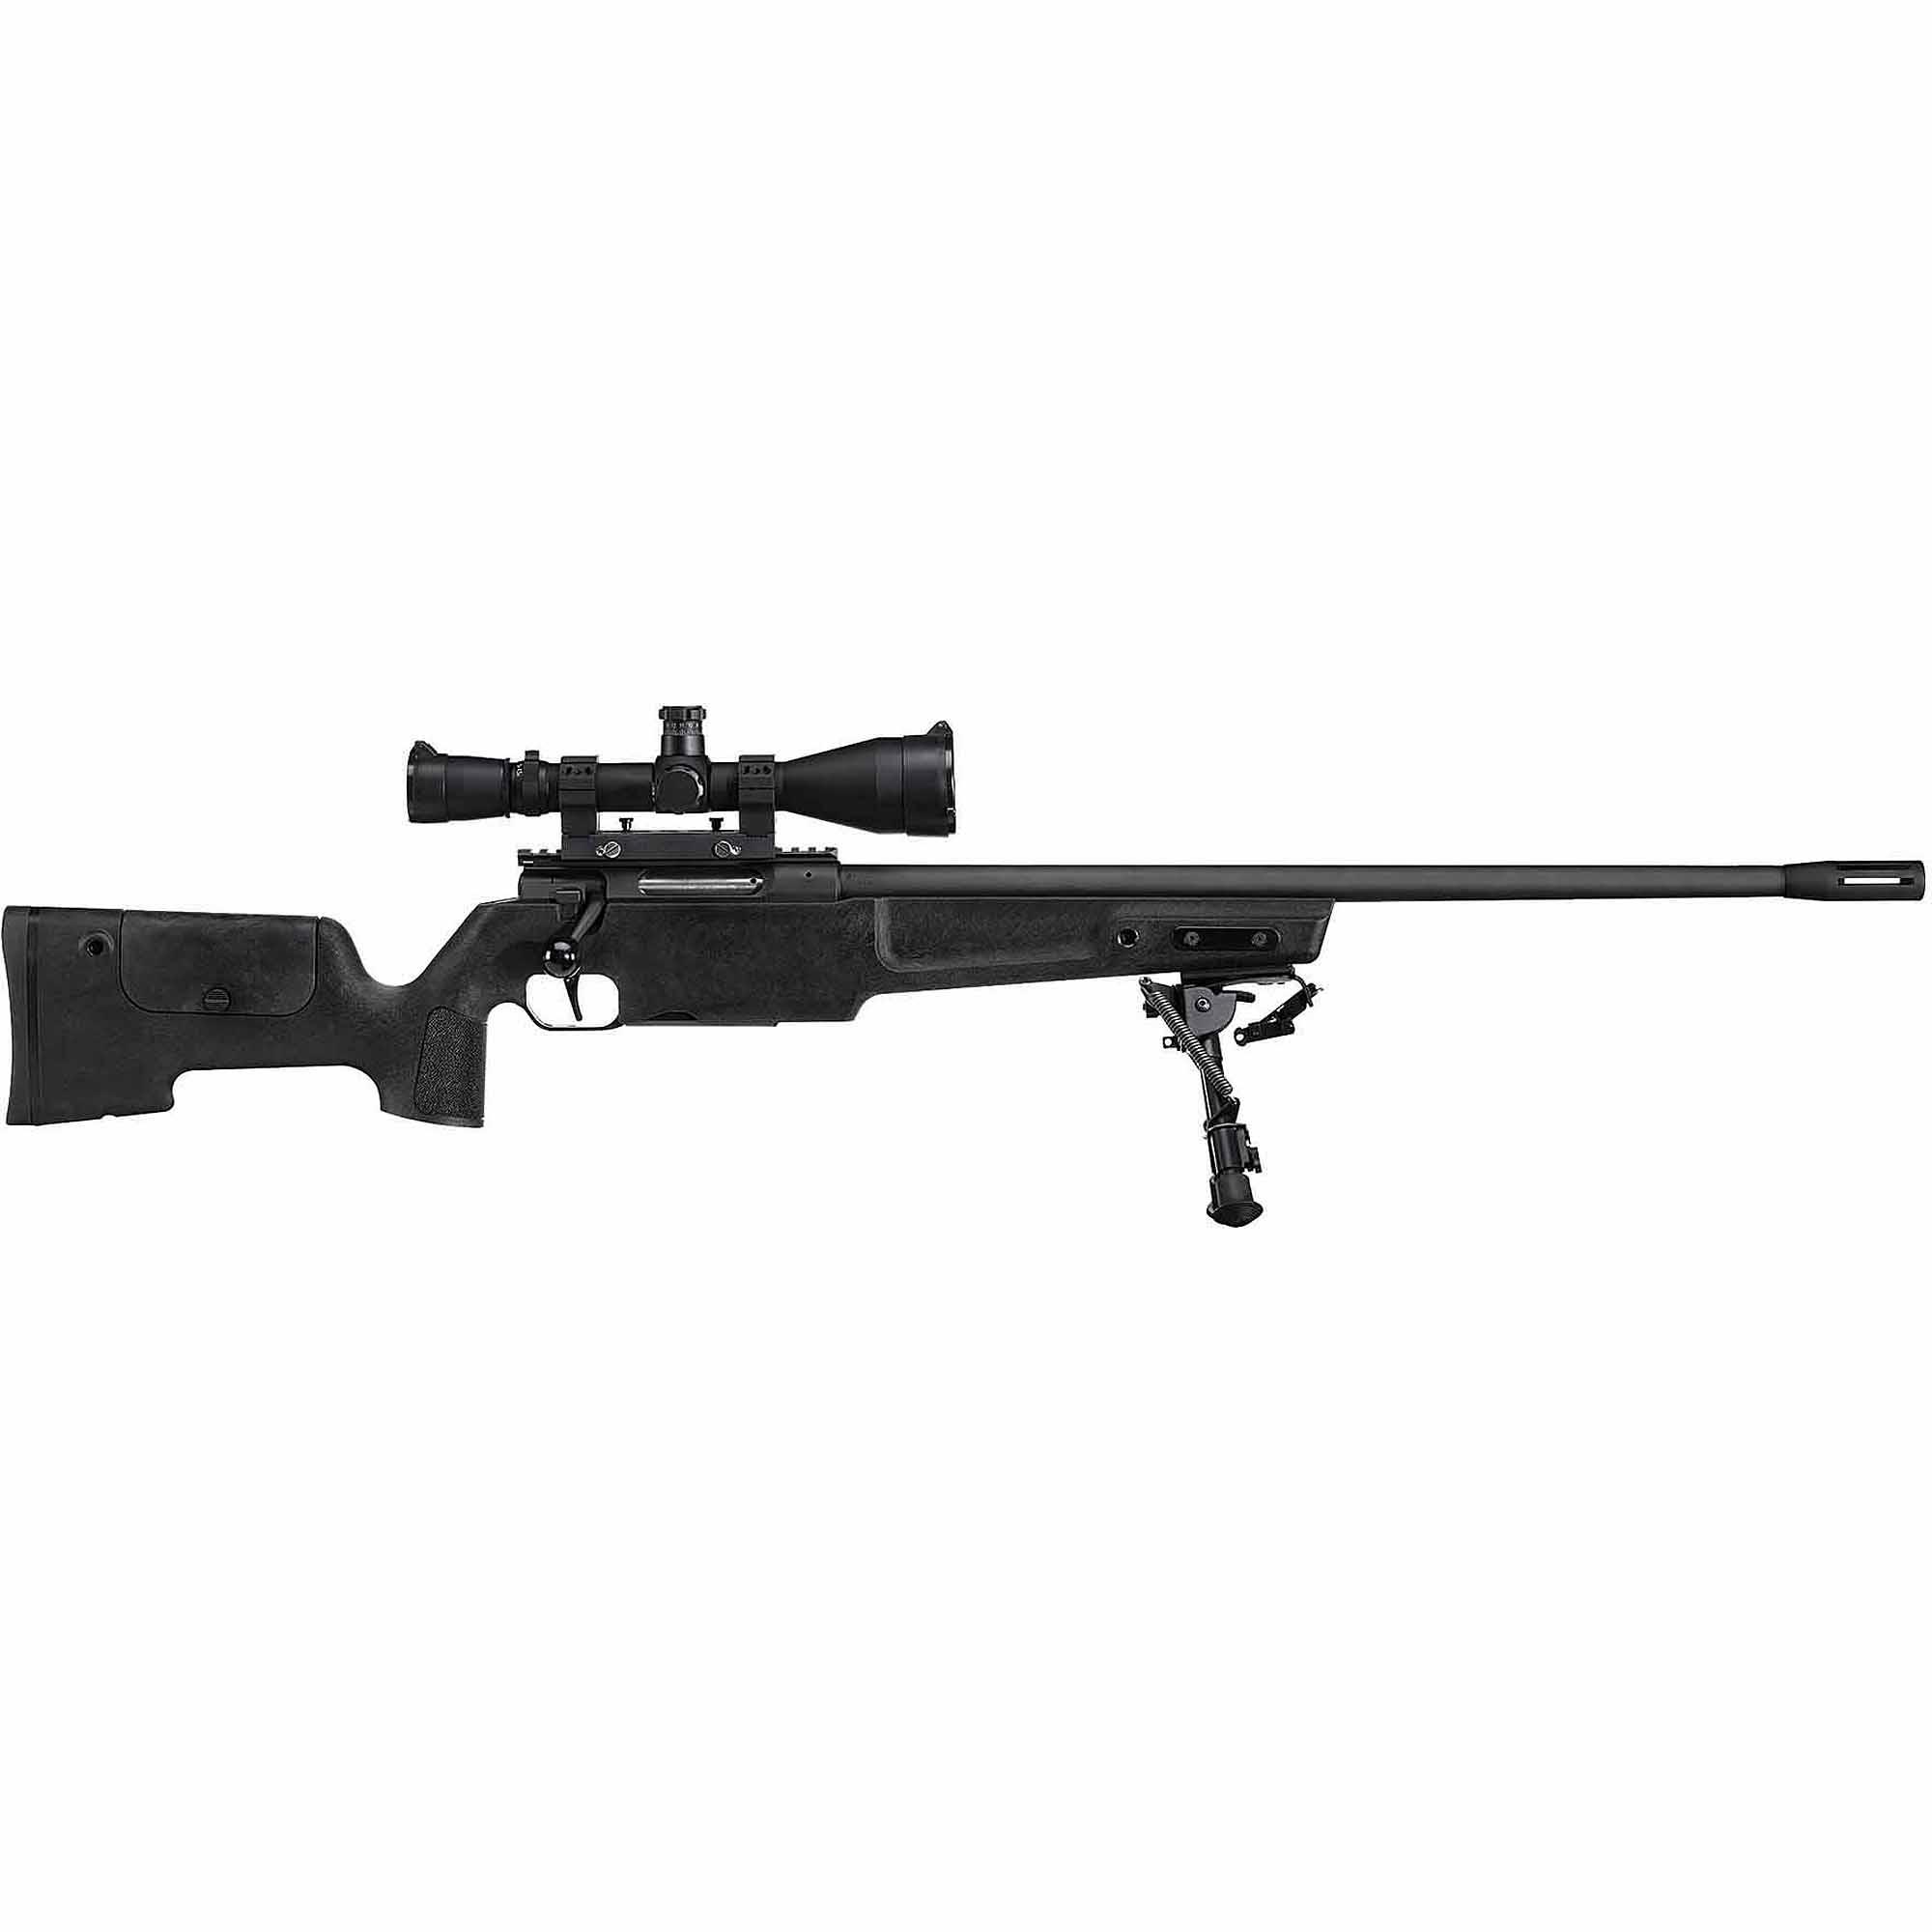 """Sig Sauer Inc Ssg3000 Rifle 308win 24"""" Bbl 1:12 Twist"""